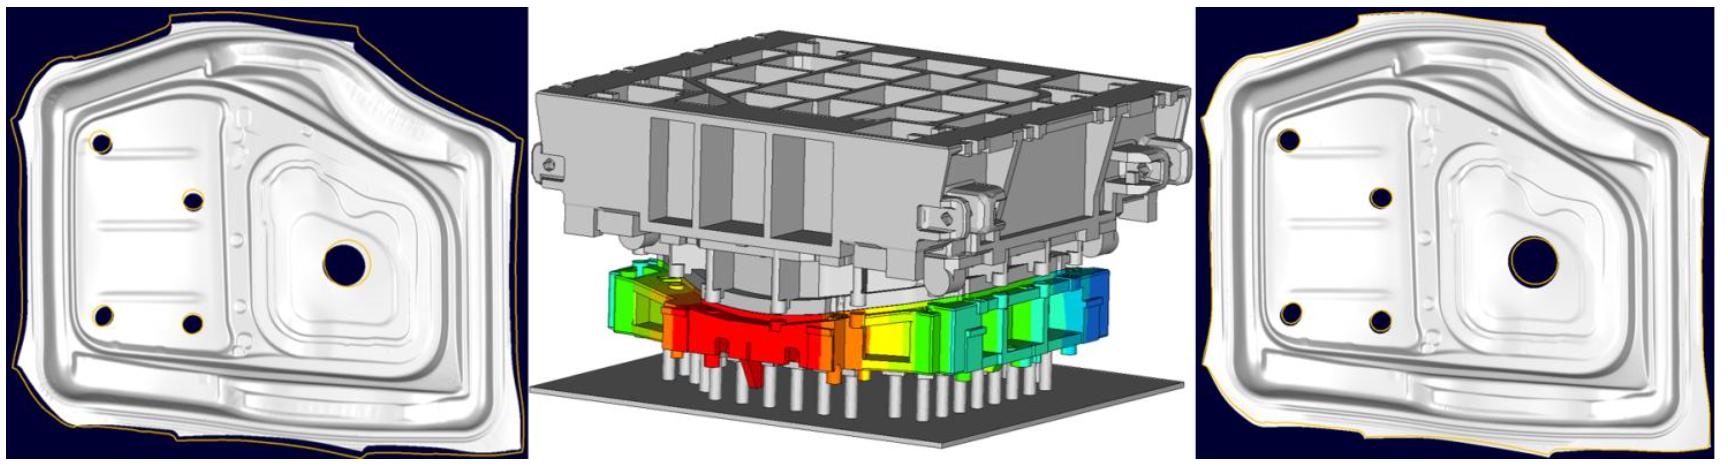 Strukturmodell av pressverktyg (mitten). Skillnad mot uppmätta detaljkonturer, orangea linjer, med odeformerat verktyg (vänster) och deformerat verktyg (höger)